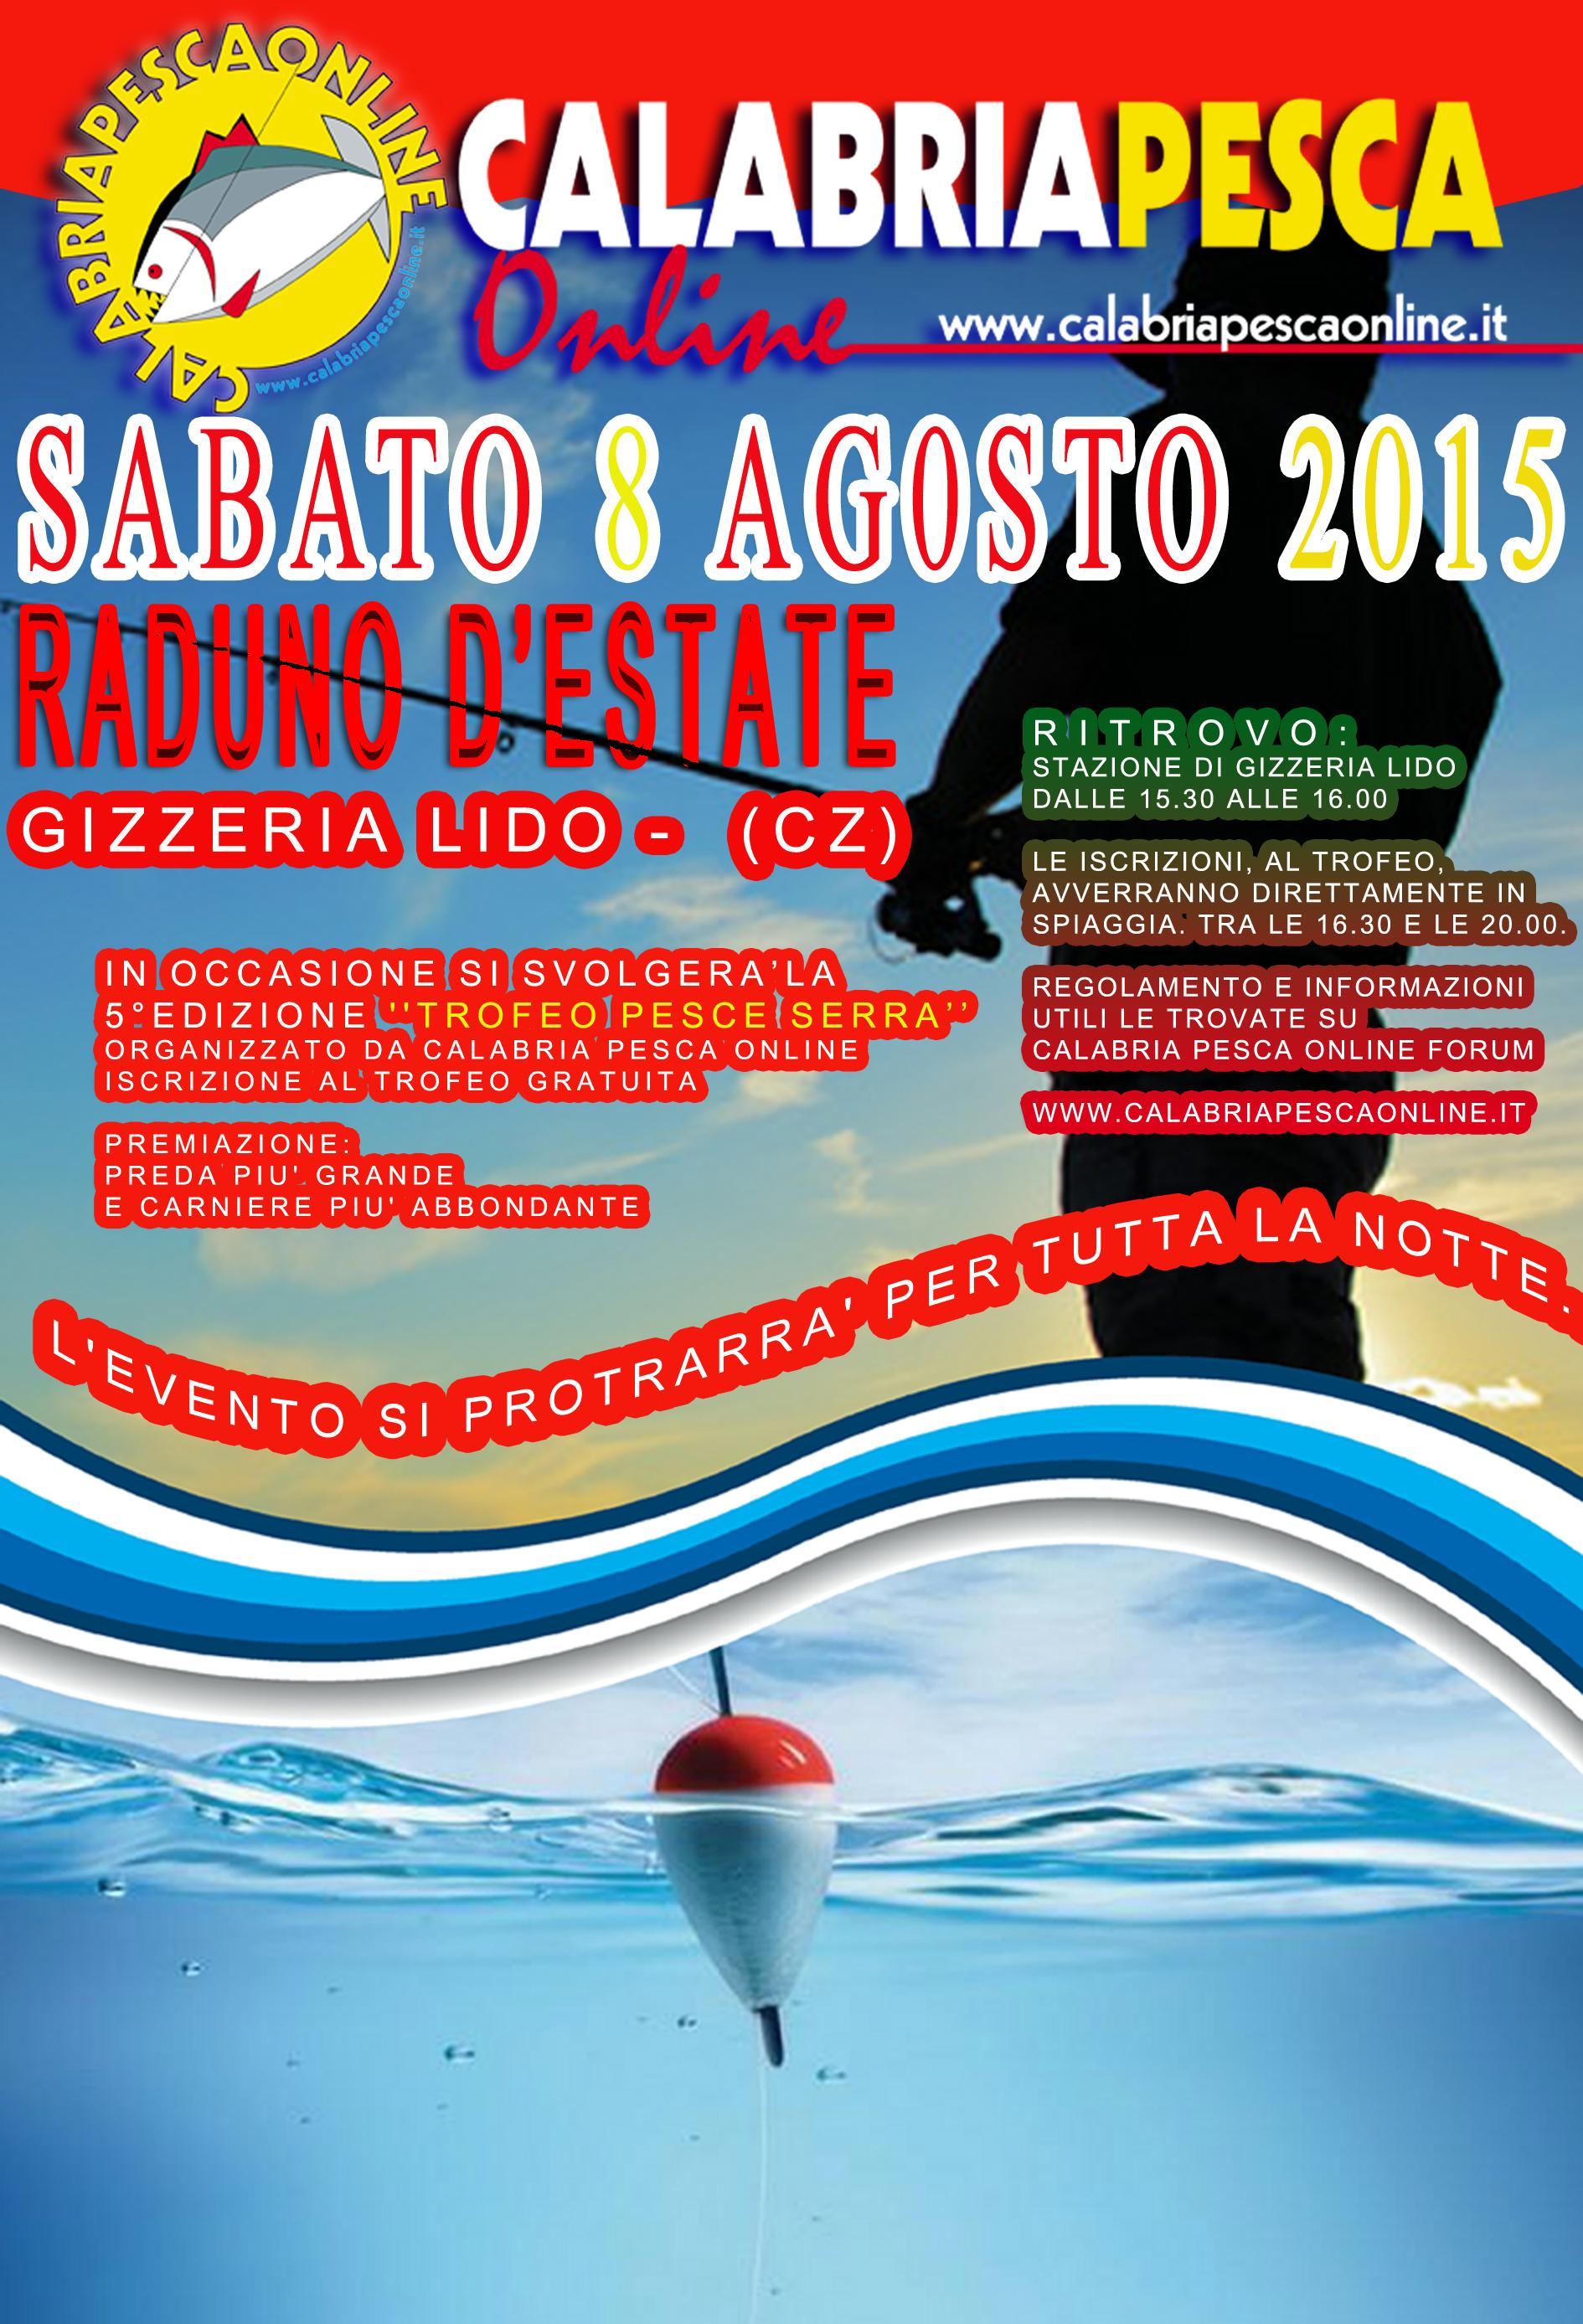 Raduno Calabria pesca 20015